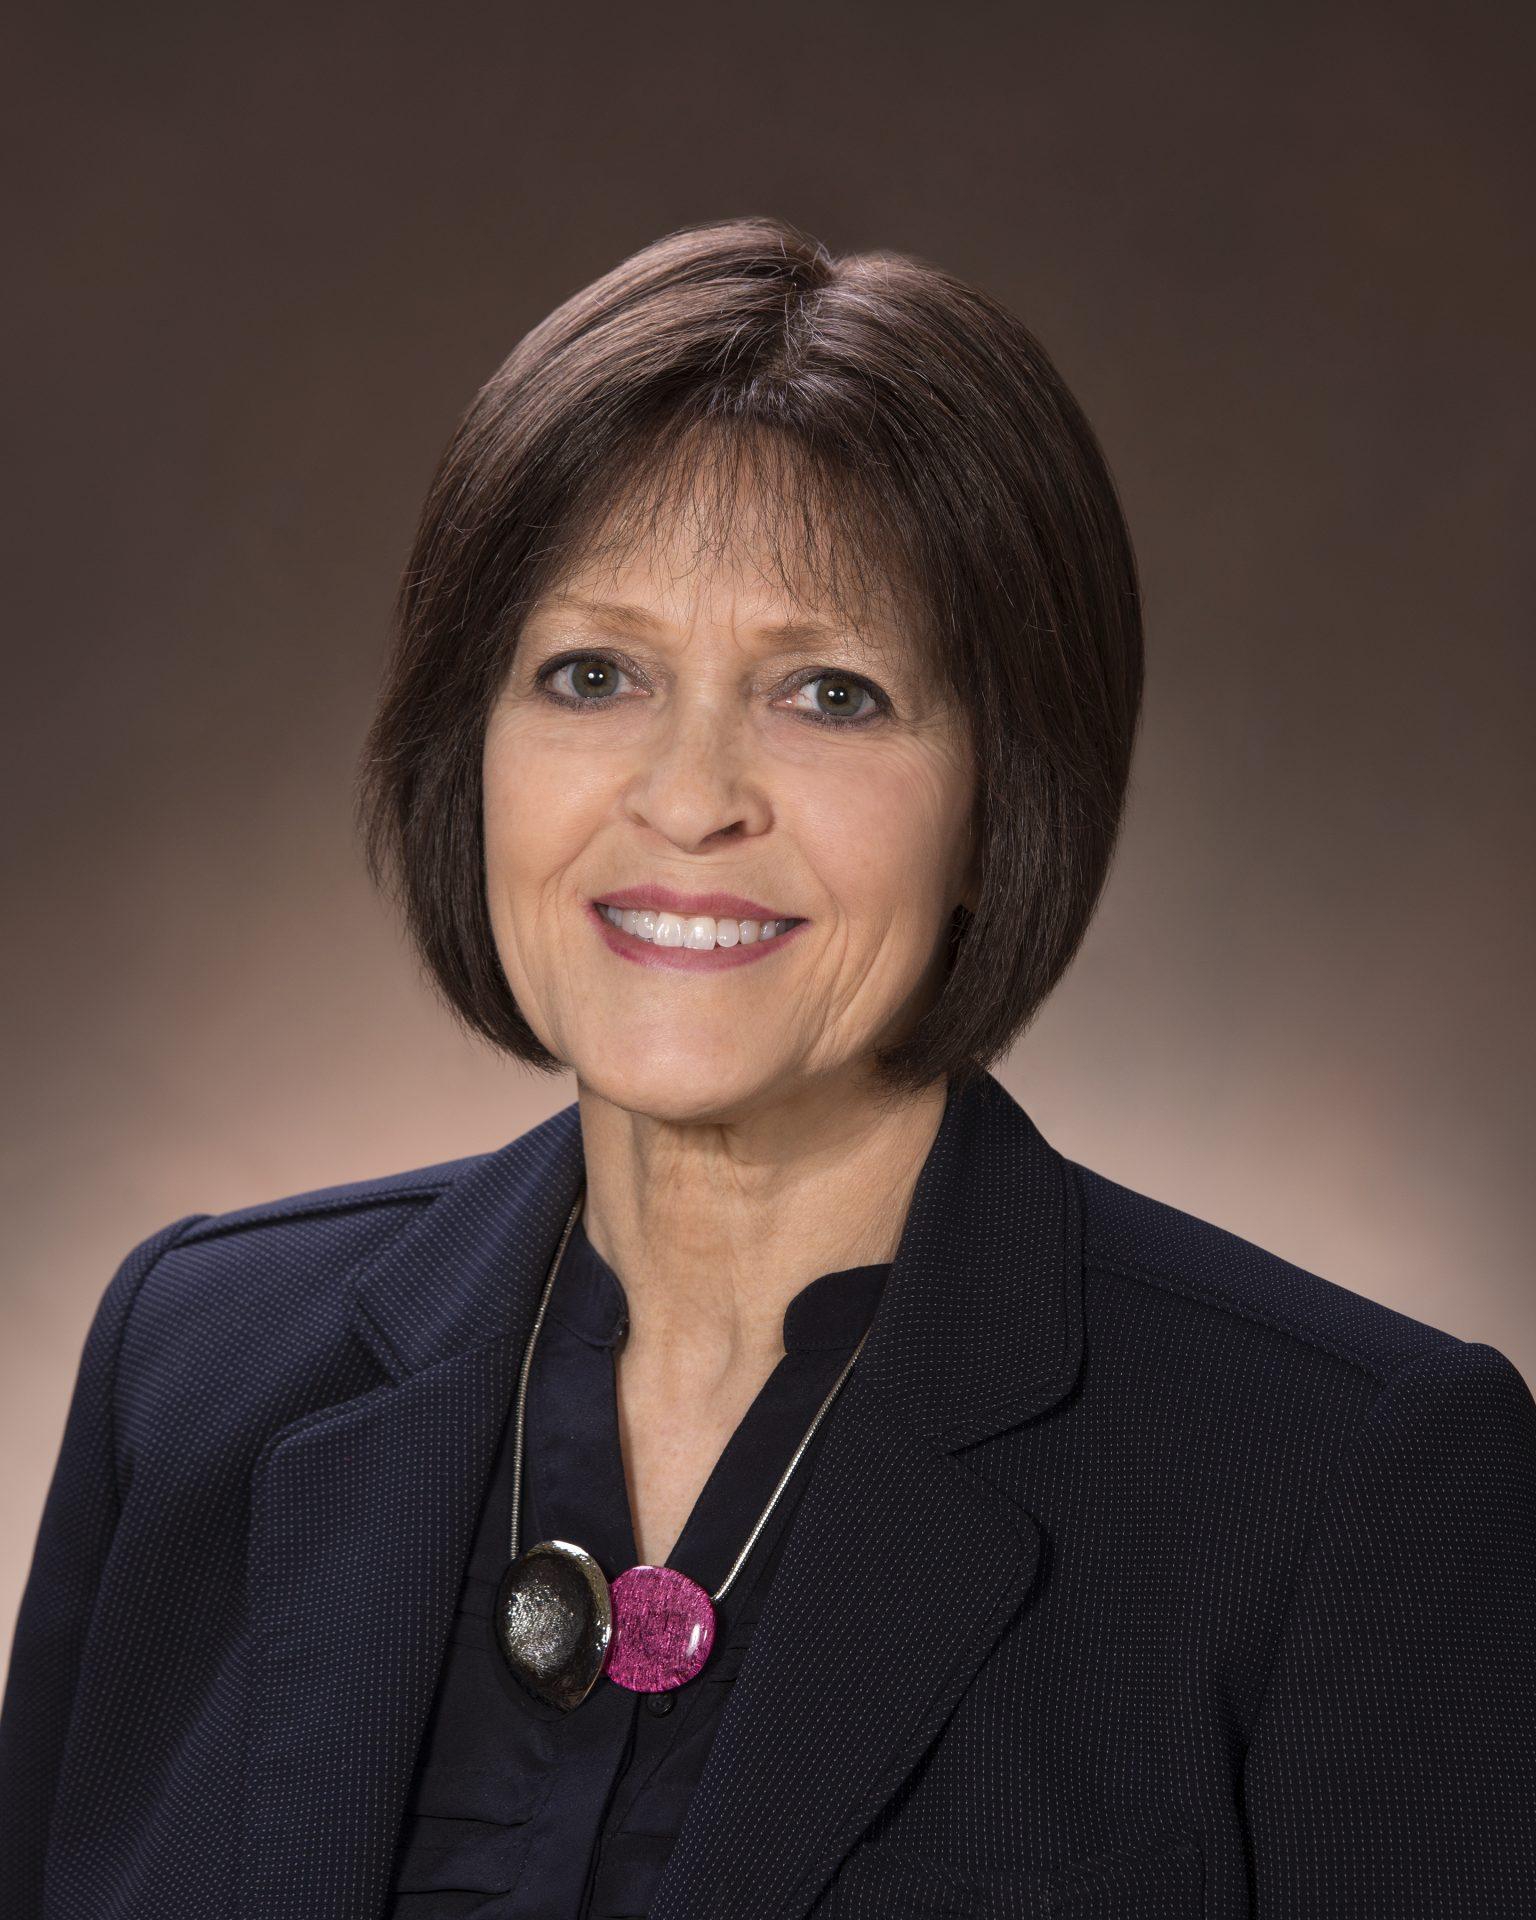 Pauline Duguay